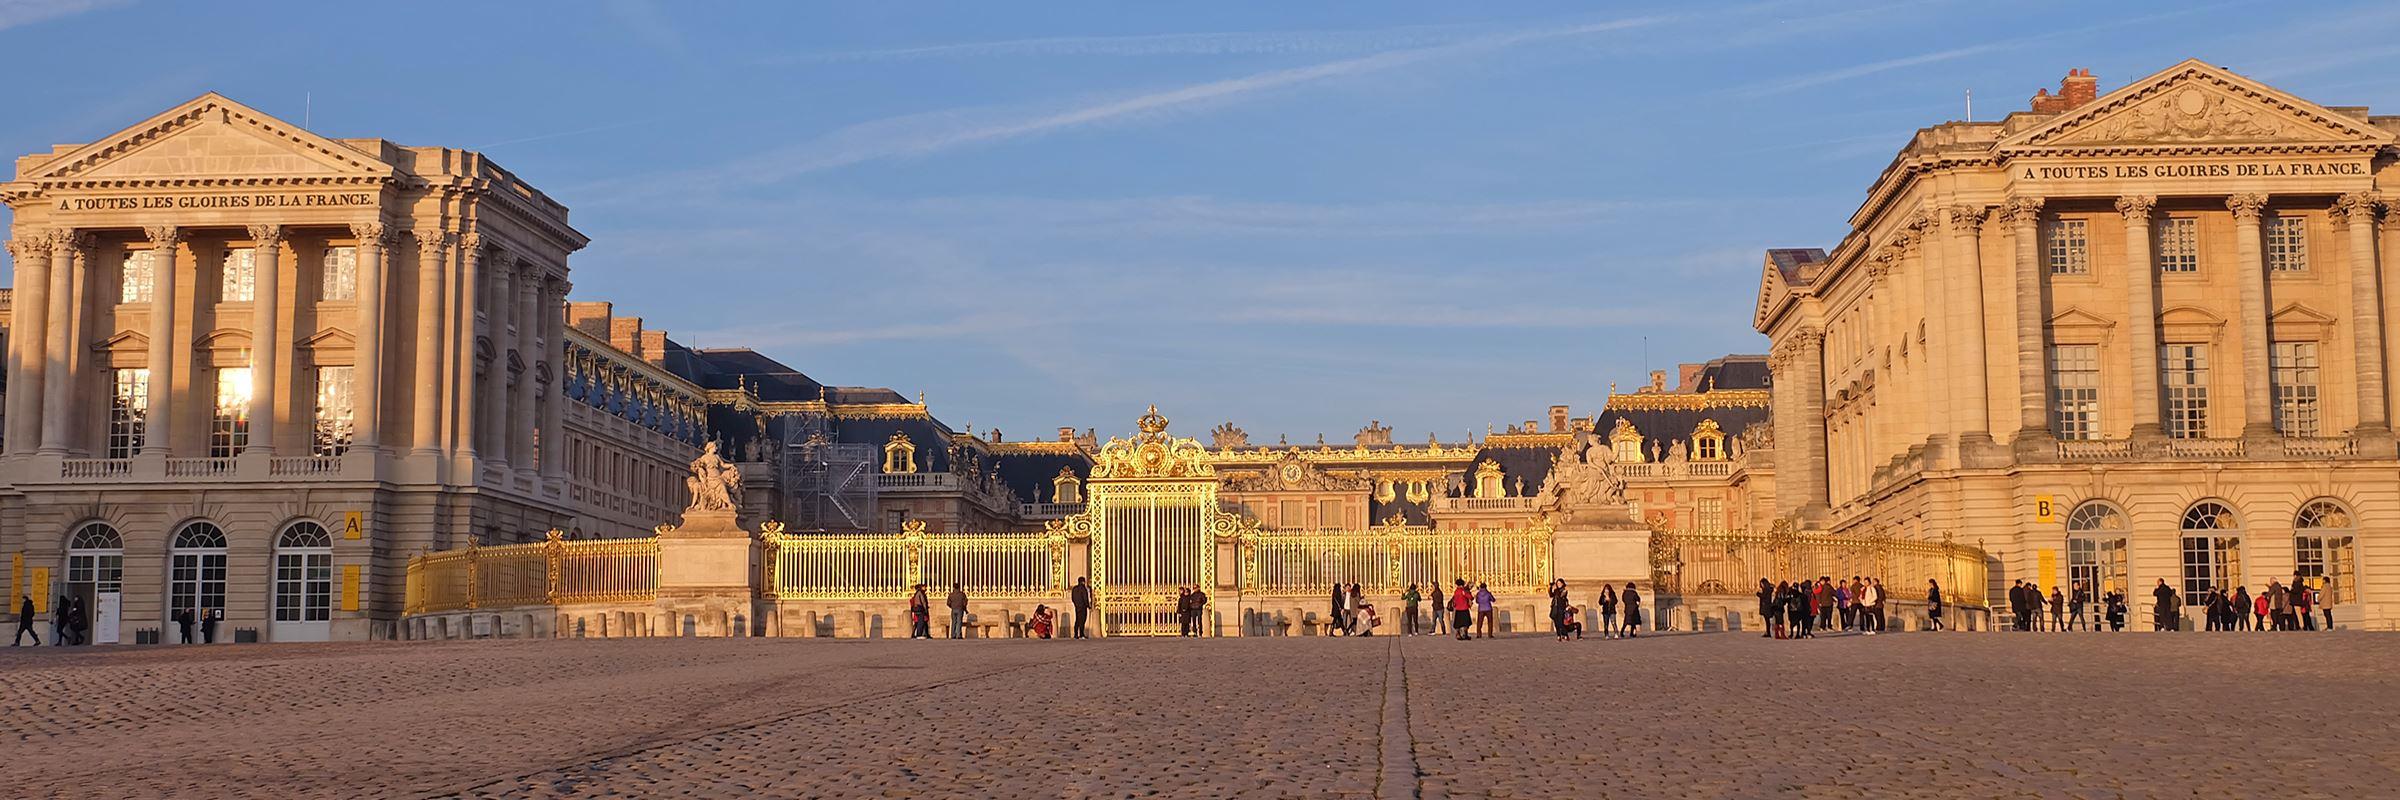 Architecture Des Jardins De Versailles